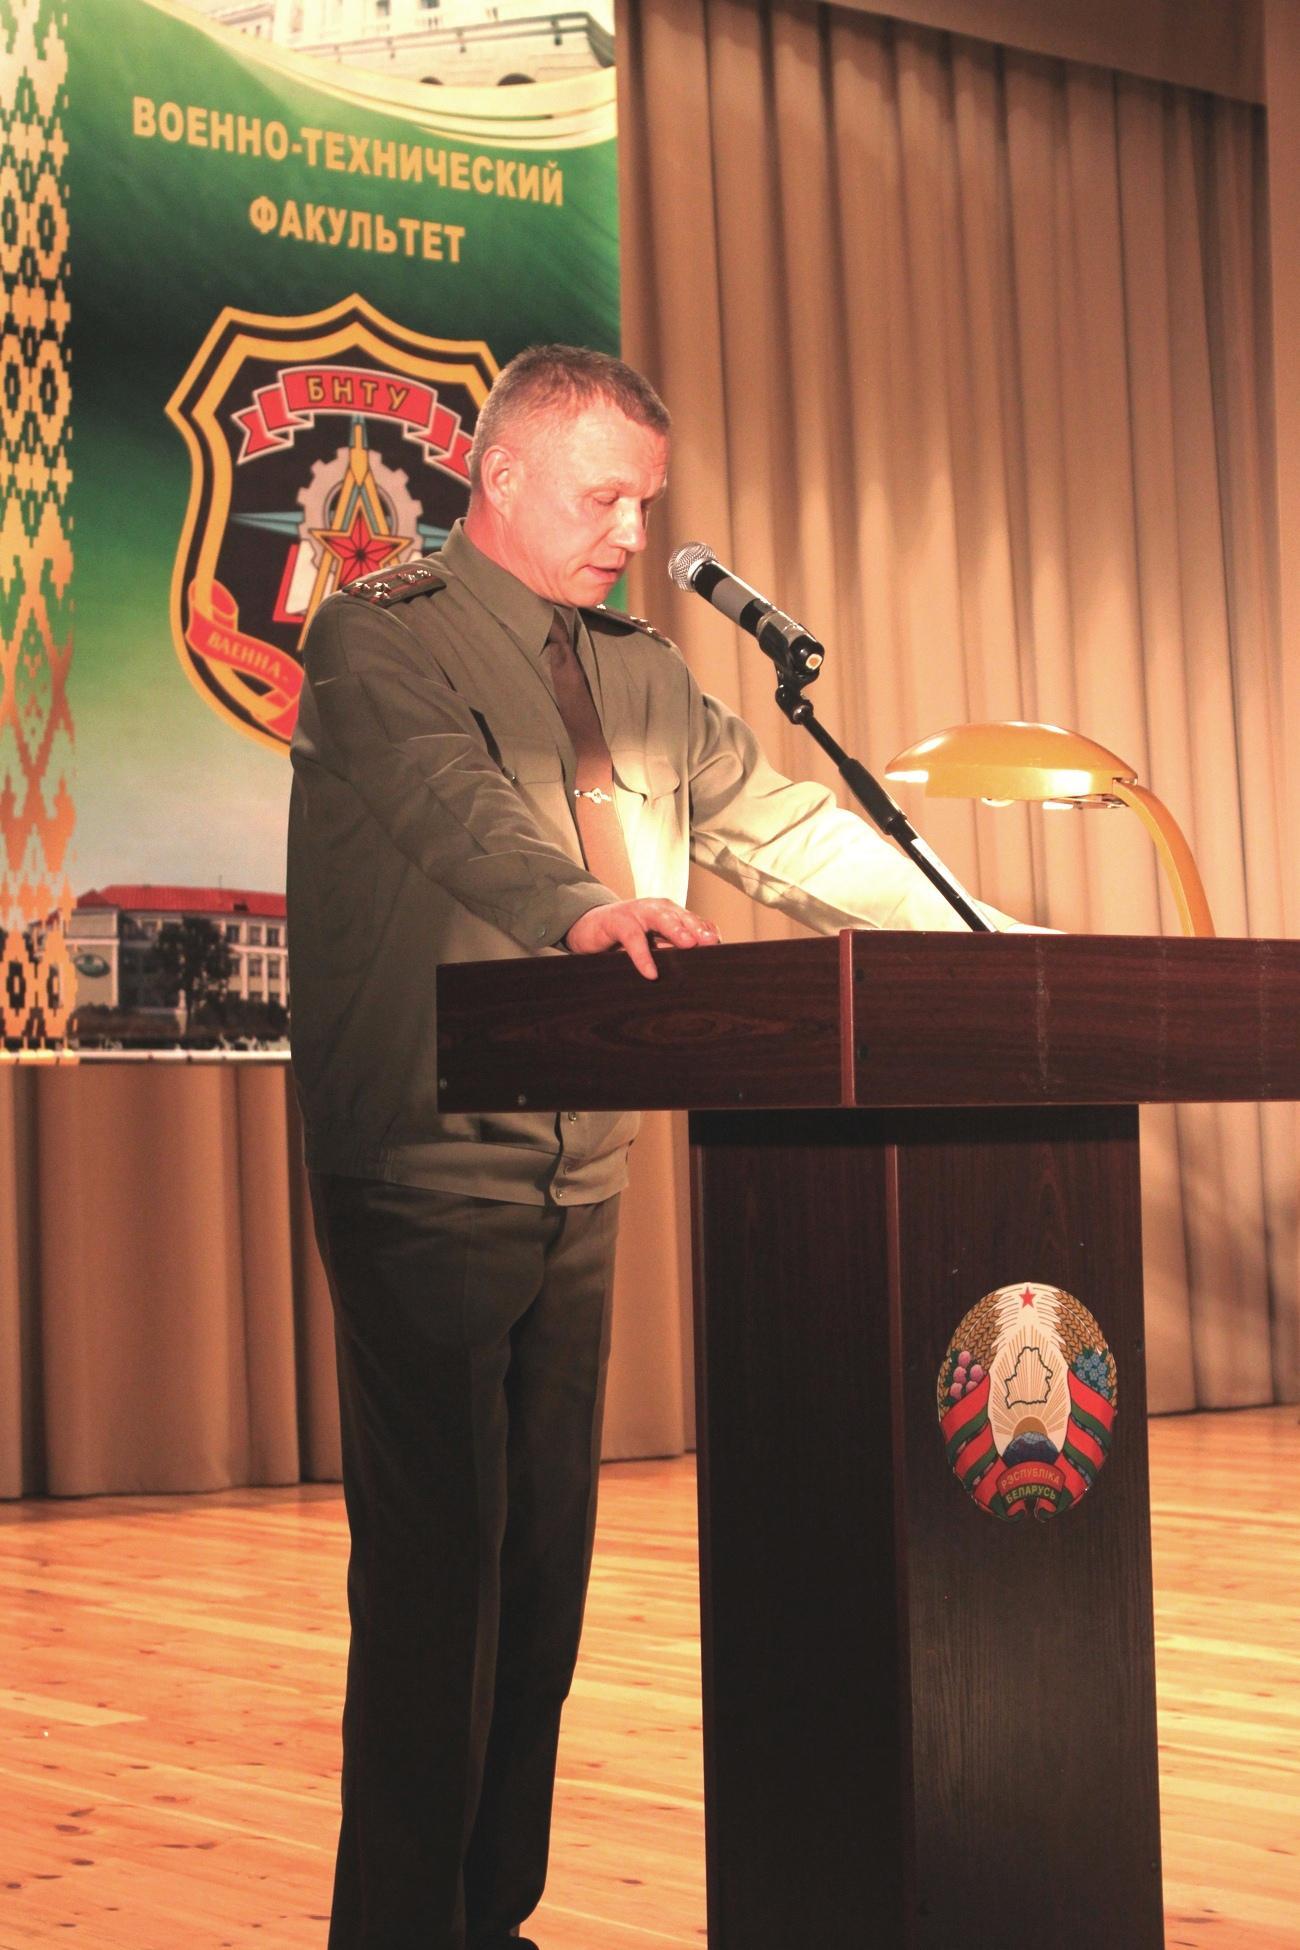 НФ полковник  Герасимюк А.И. поздравил мотострелков с праздником и открыл мероприятие